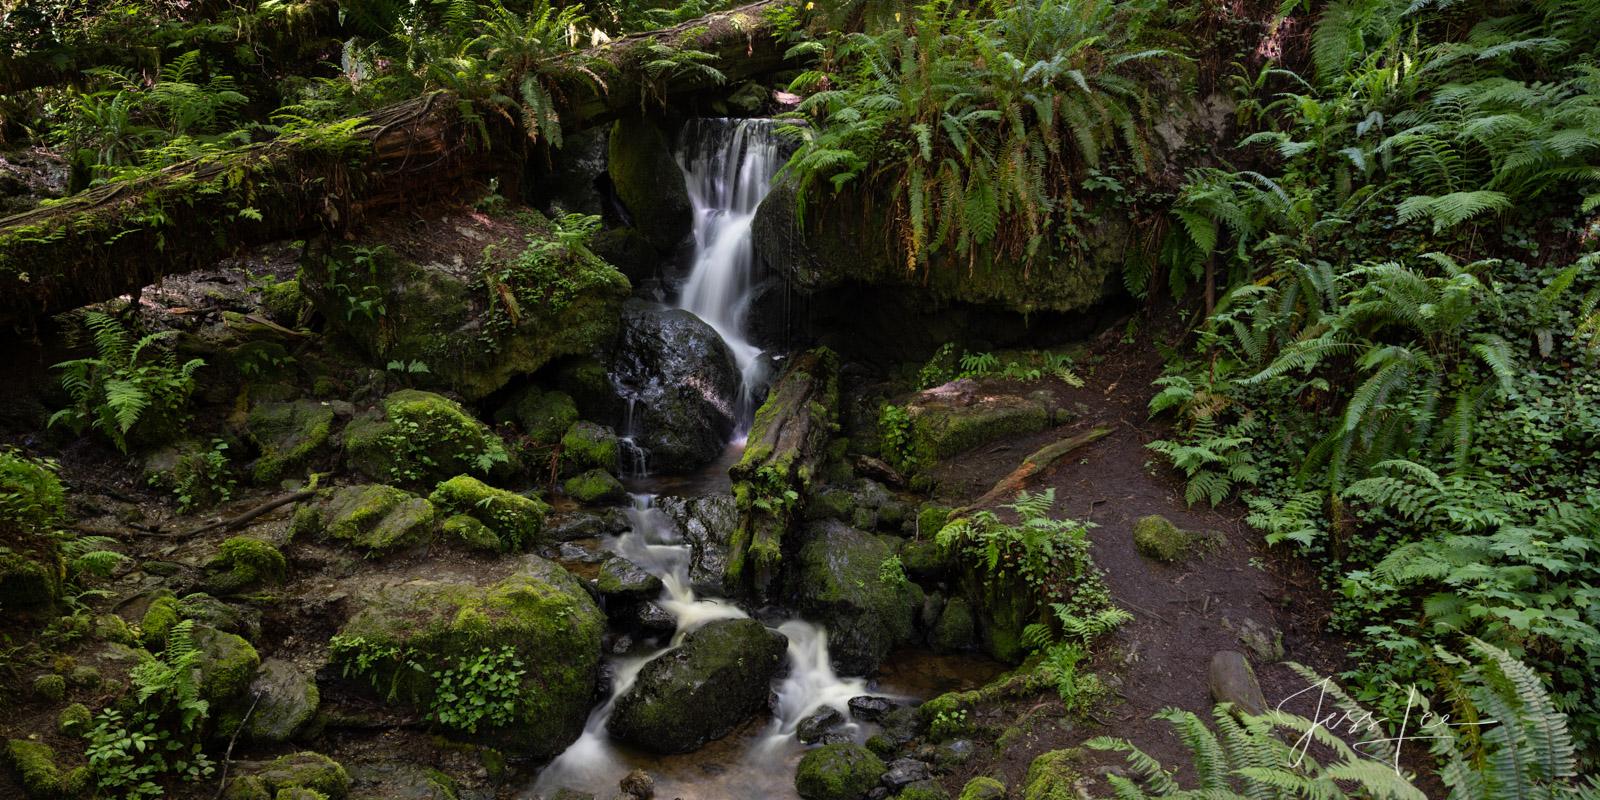 Trillium Falls and ferns